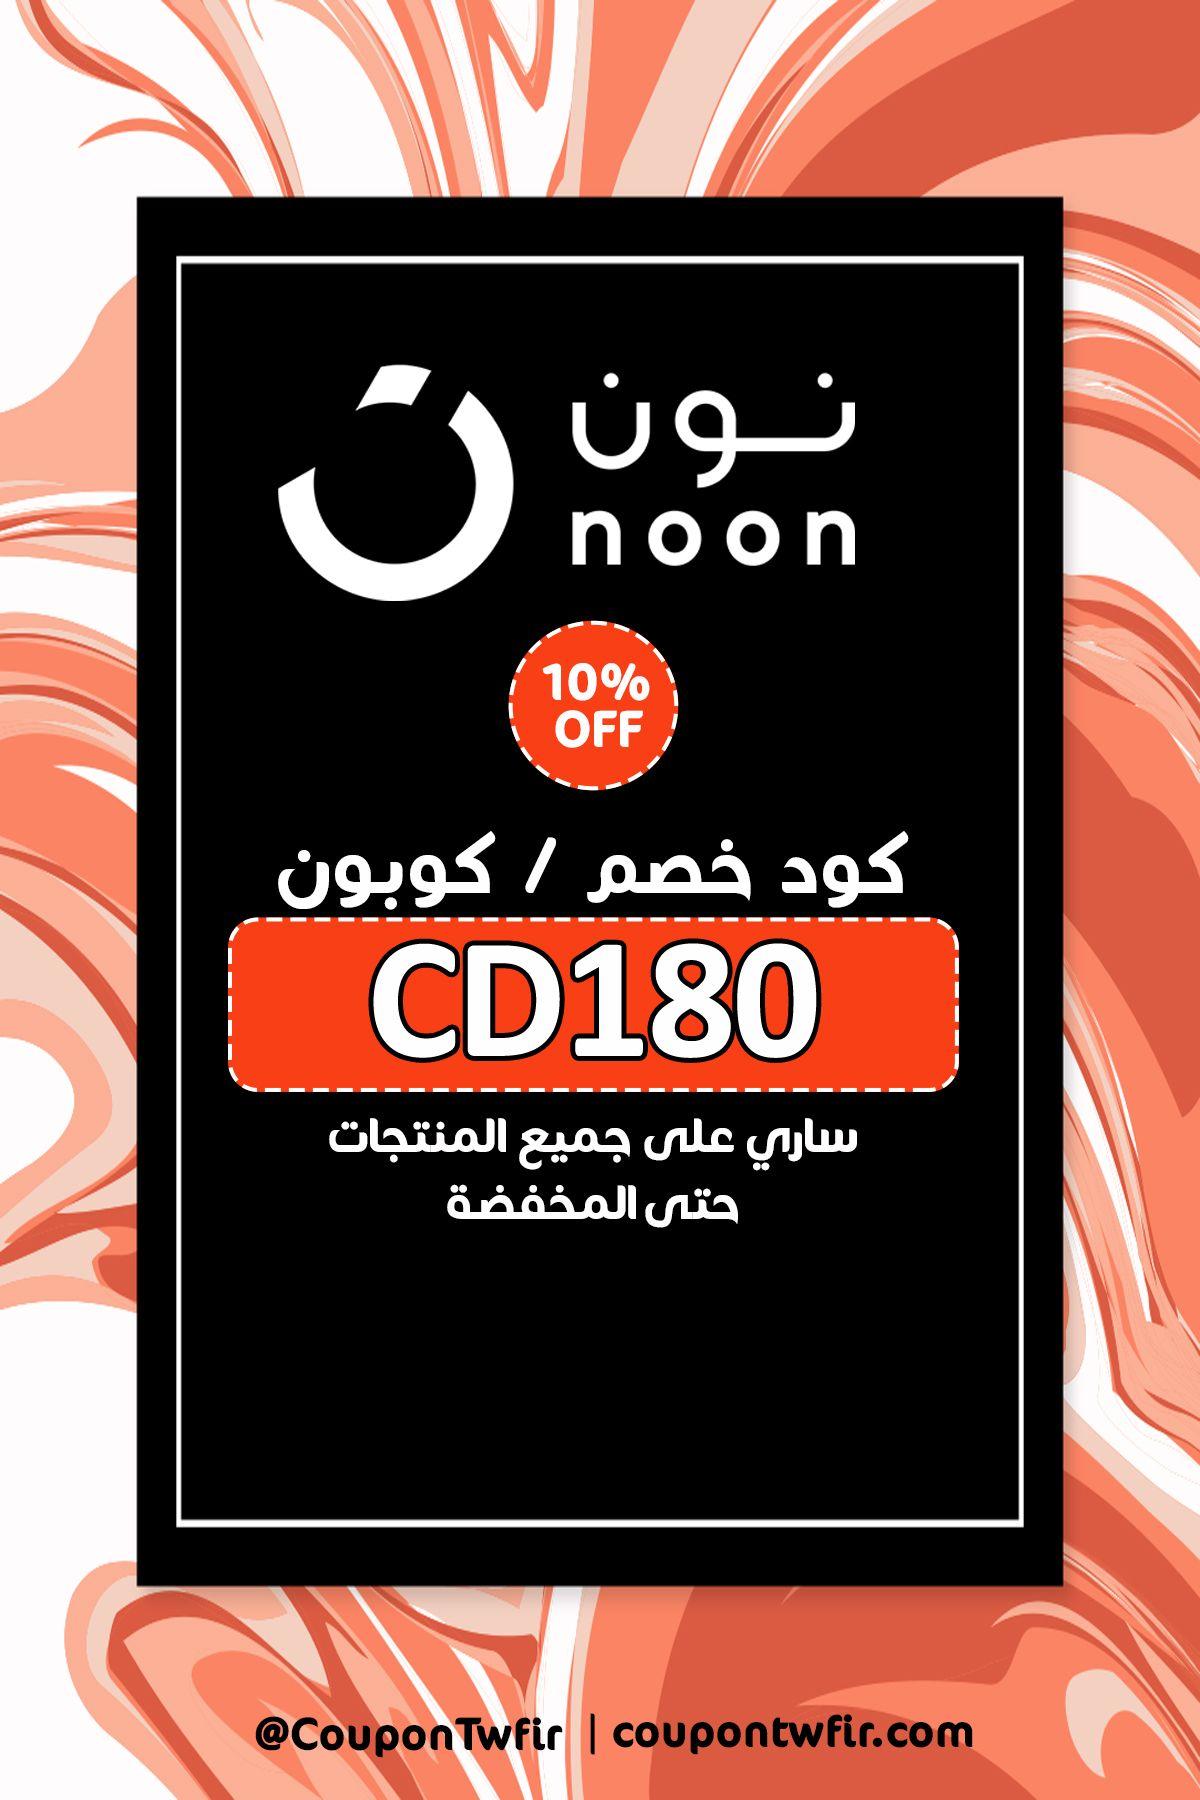 كوبون خصم نون مصر على جميع المنتجات حتى المخفضة Calm Artwork Keep Calm Artwork Artwork